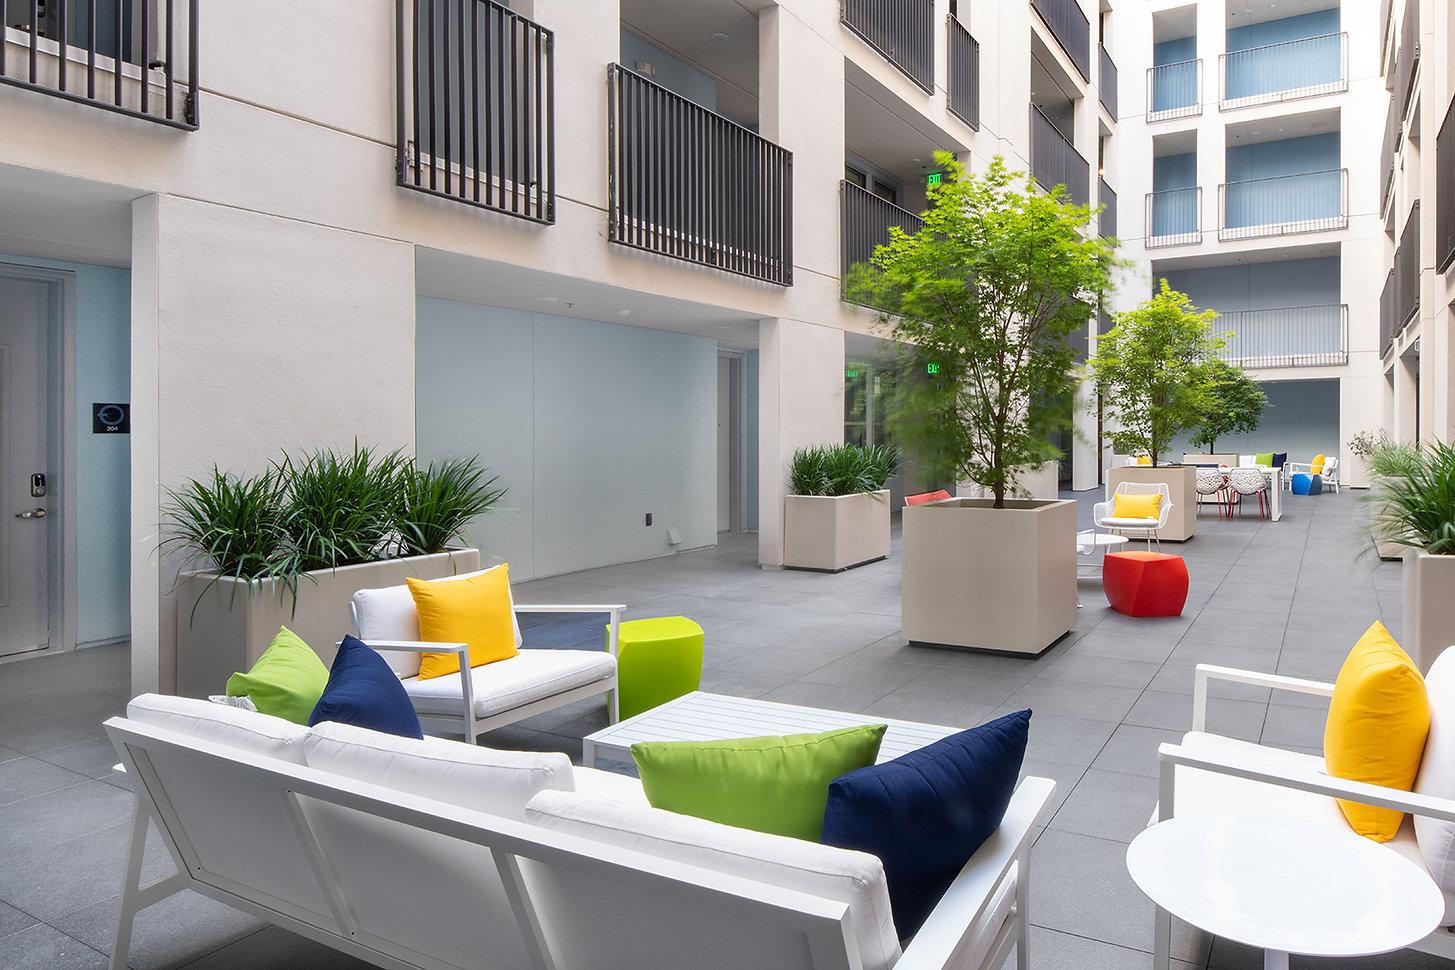 interior courtyard2.jpg